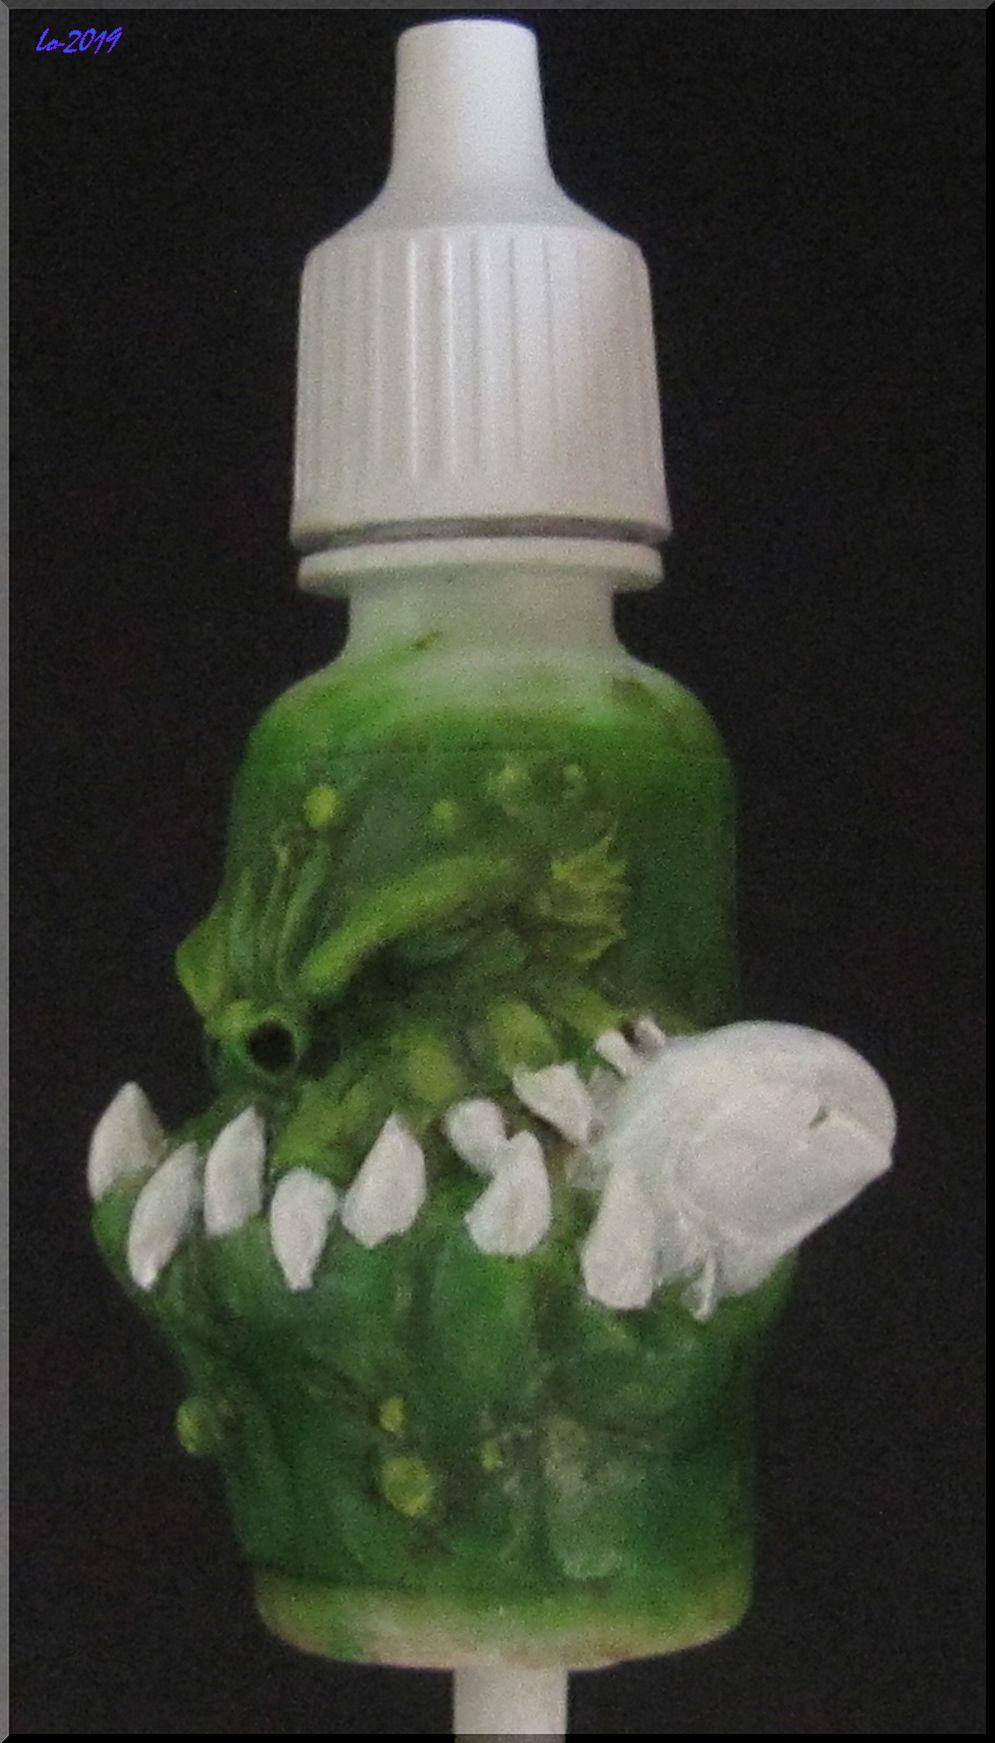 Le Kroc-doigt - MAOW - Echelle flacon de peinture acrylique 710